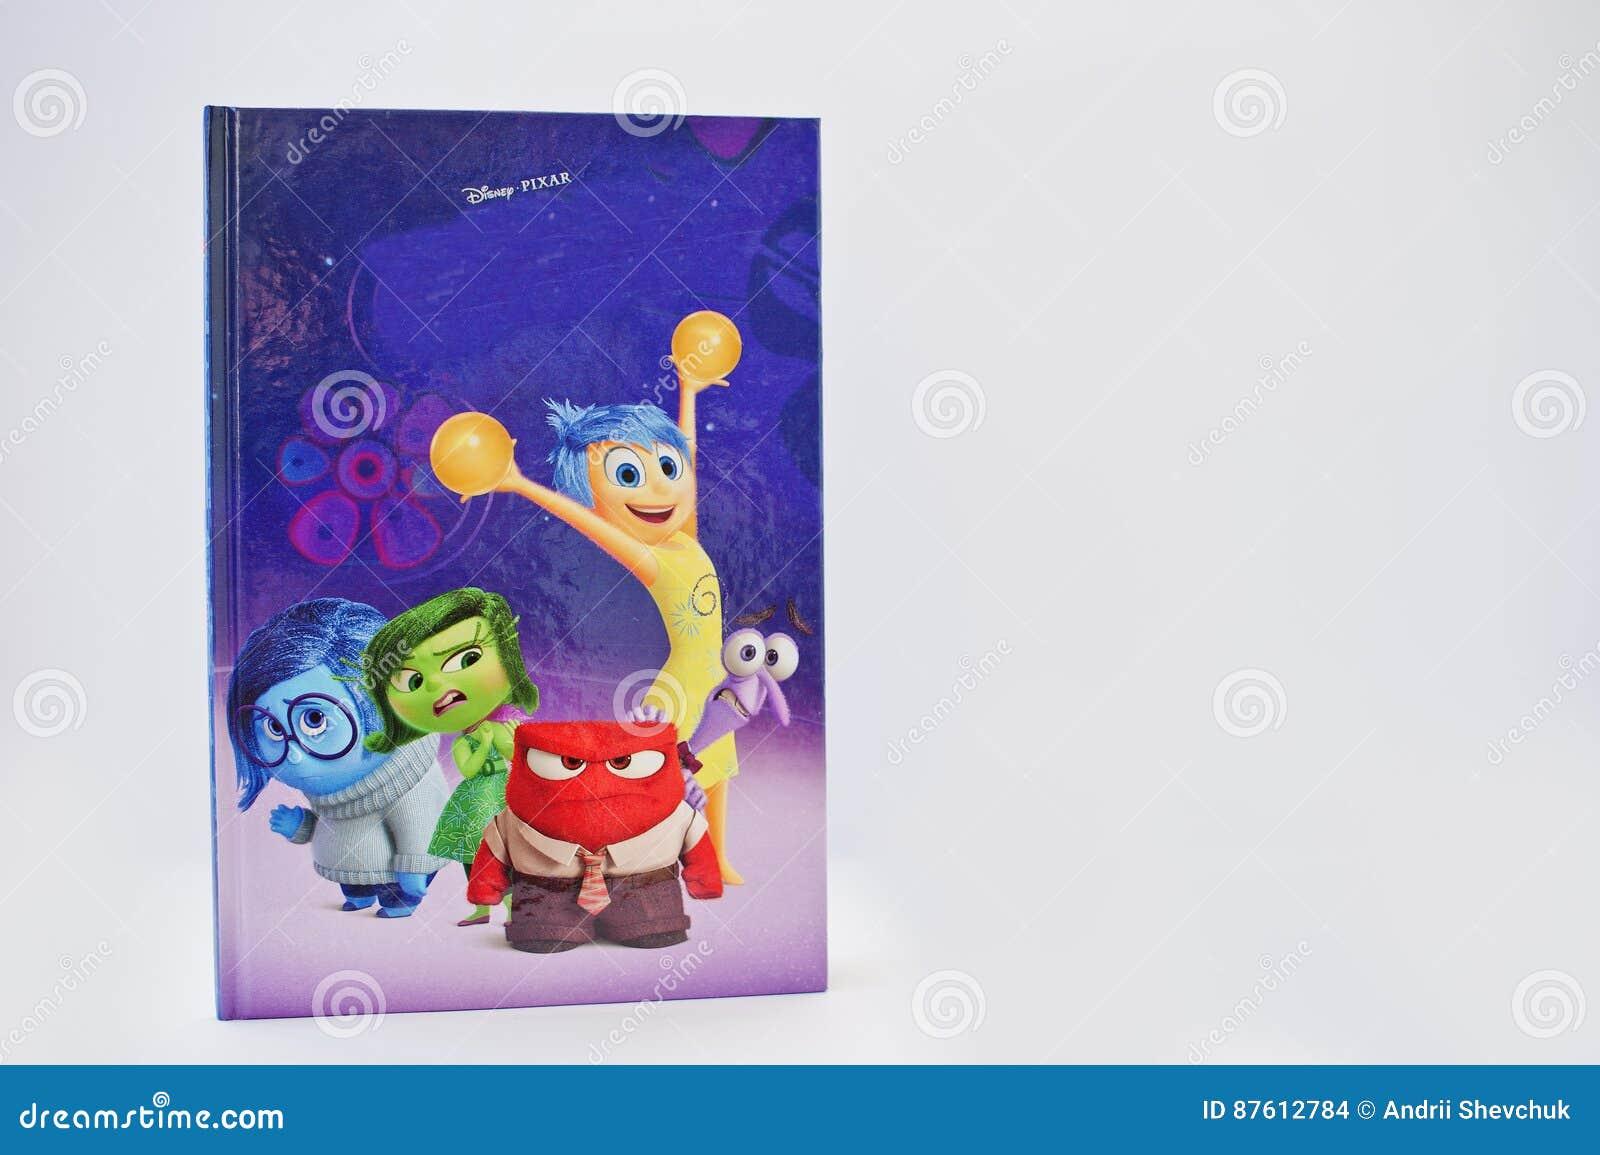 Hai, Ucrania - 28 de febrero de 2017: Historieta animada de Disney Pixar